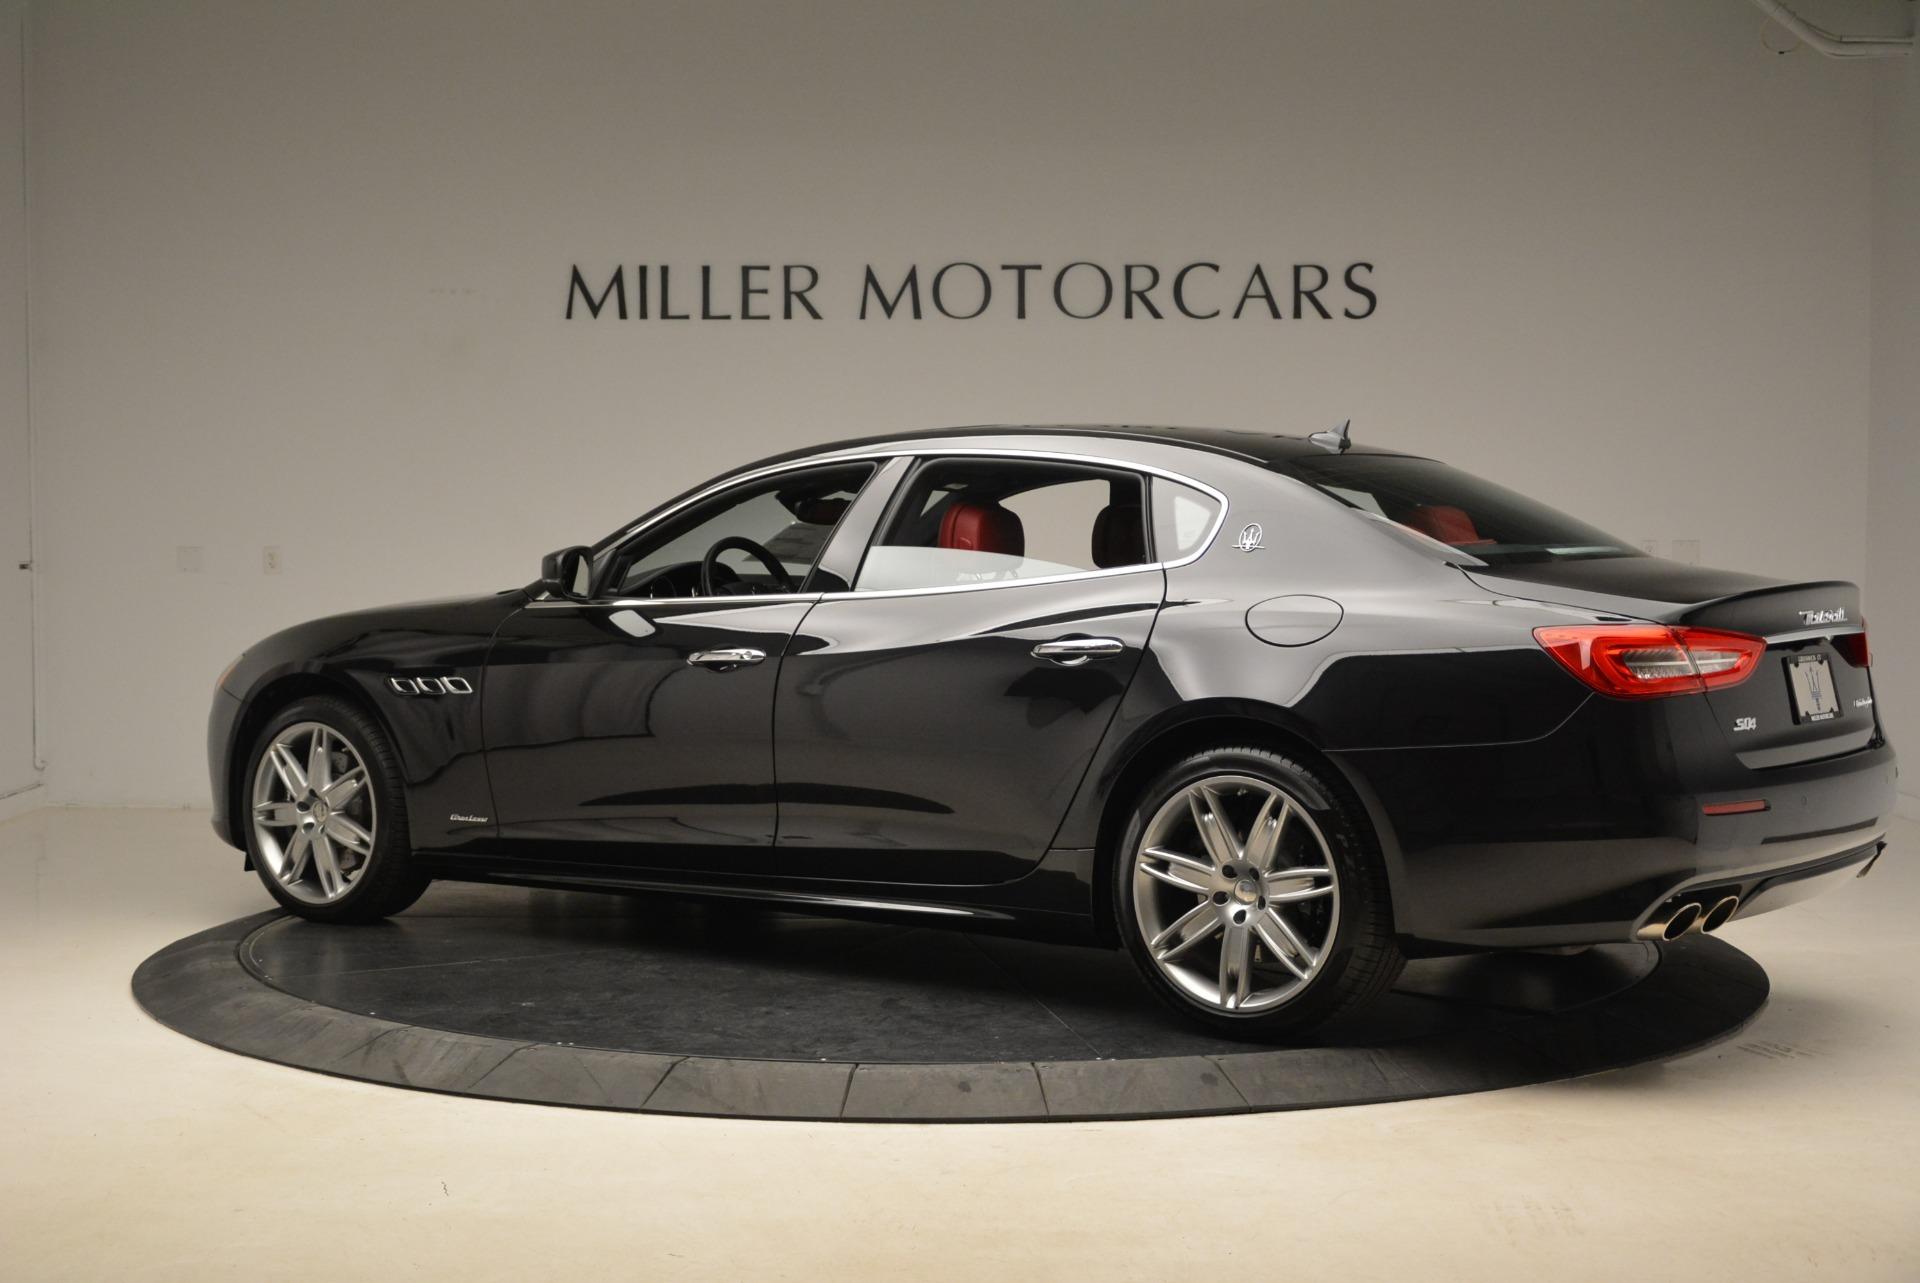 New 2018 Maserati Quattroporte S Q4 GranLusso For Sale In Westport, CT 2293_p4